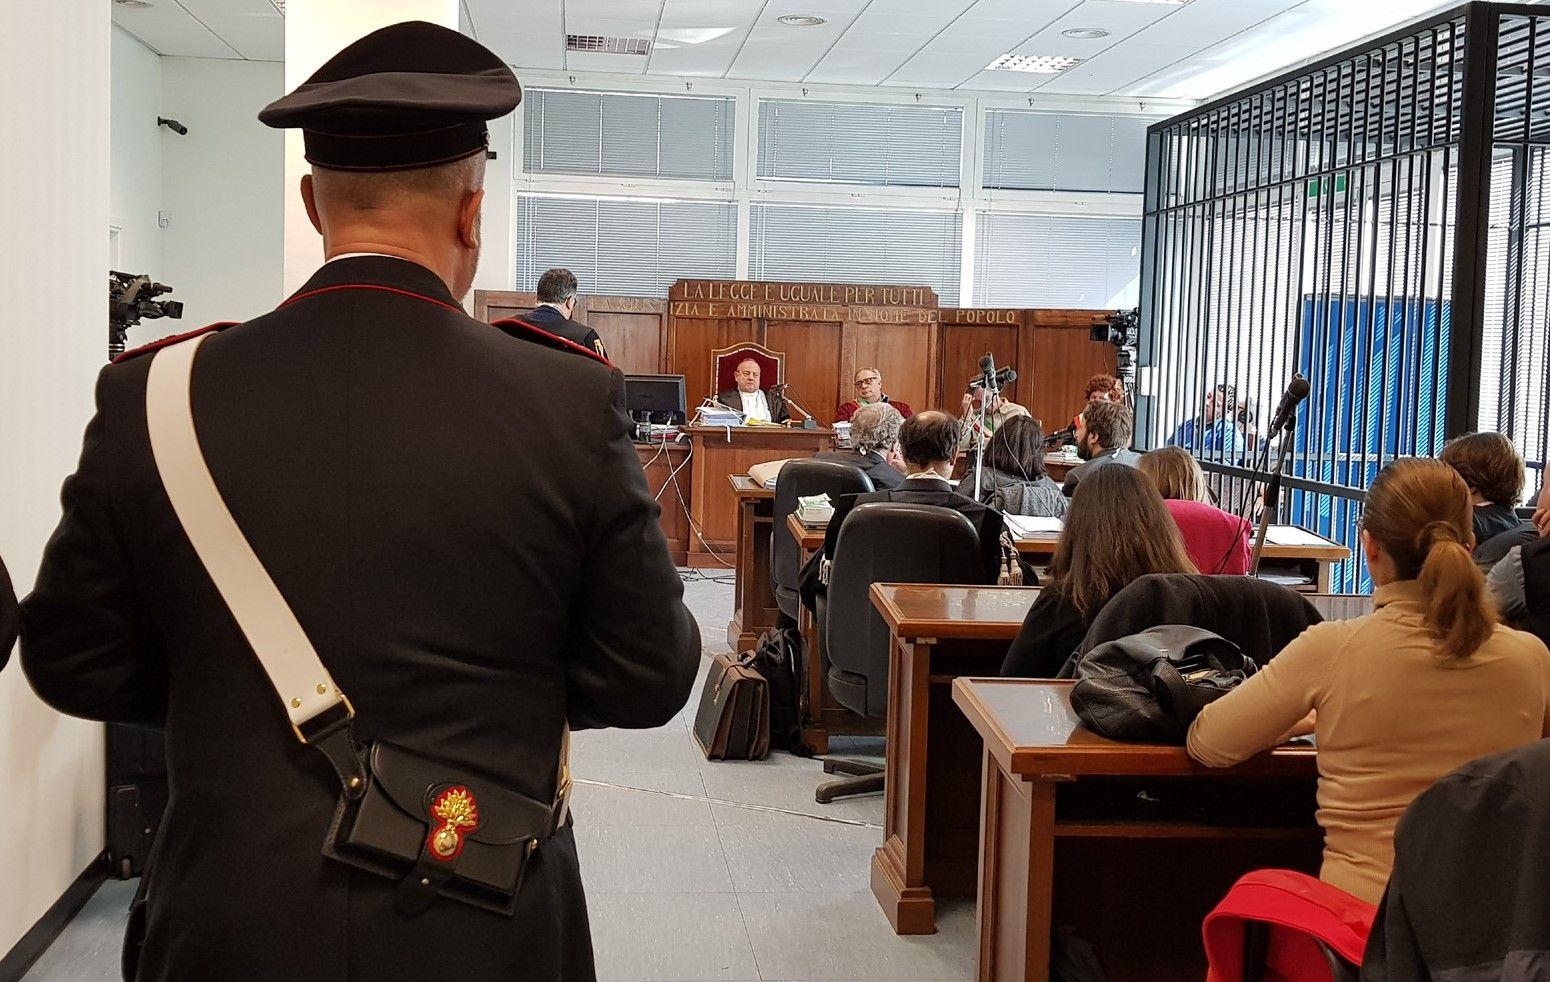 CUORGNE' - Botte e minacce alla moglie che vuole vivere all'occidentale: marocchino condannato dal tribunale di Ivrea